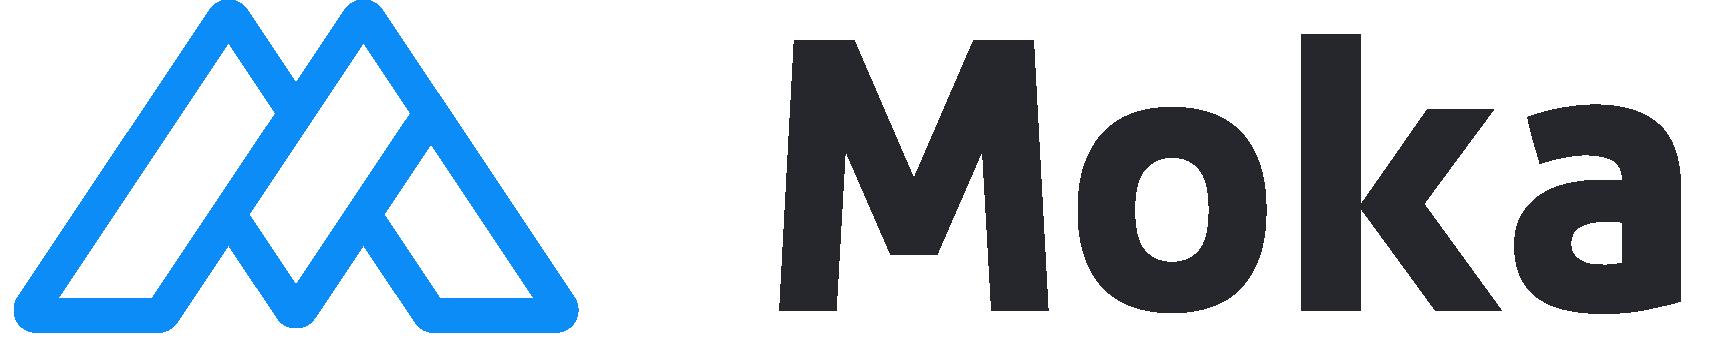 Mokaロゴ